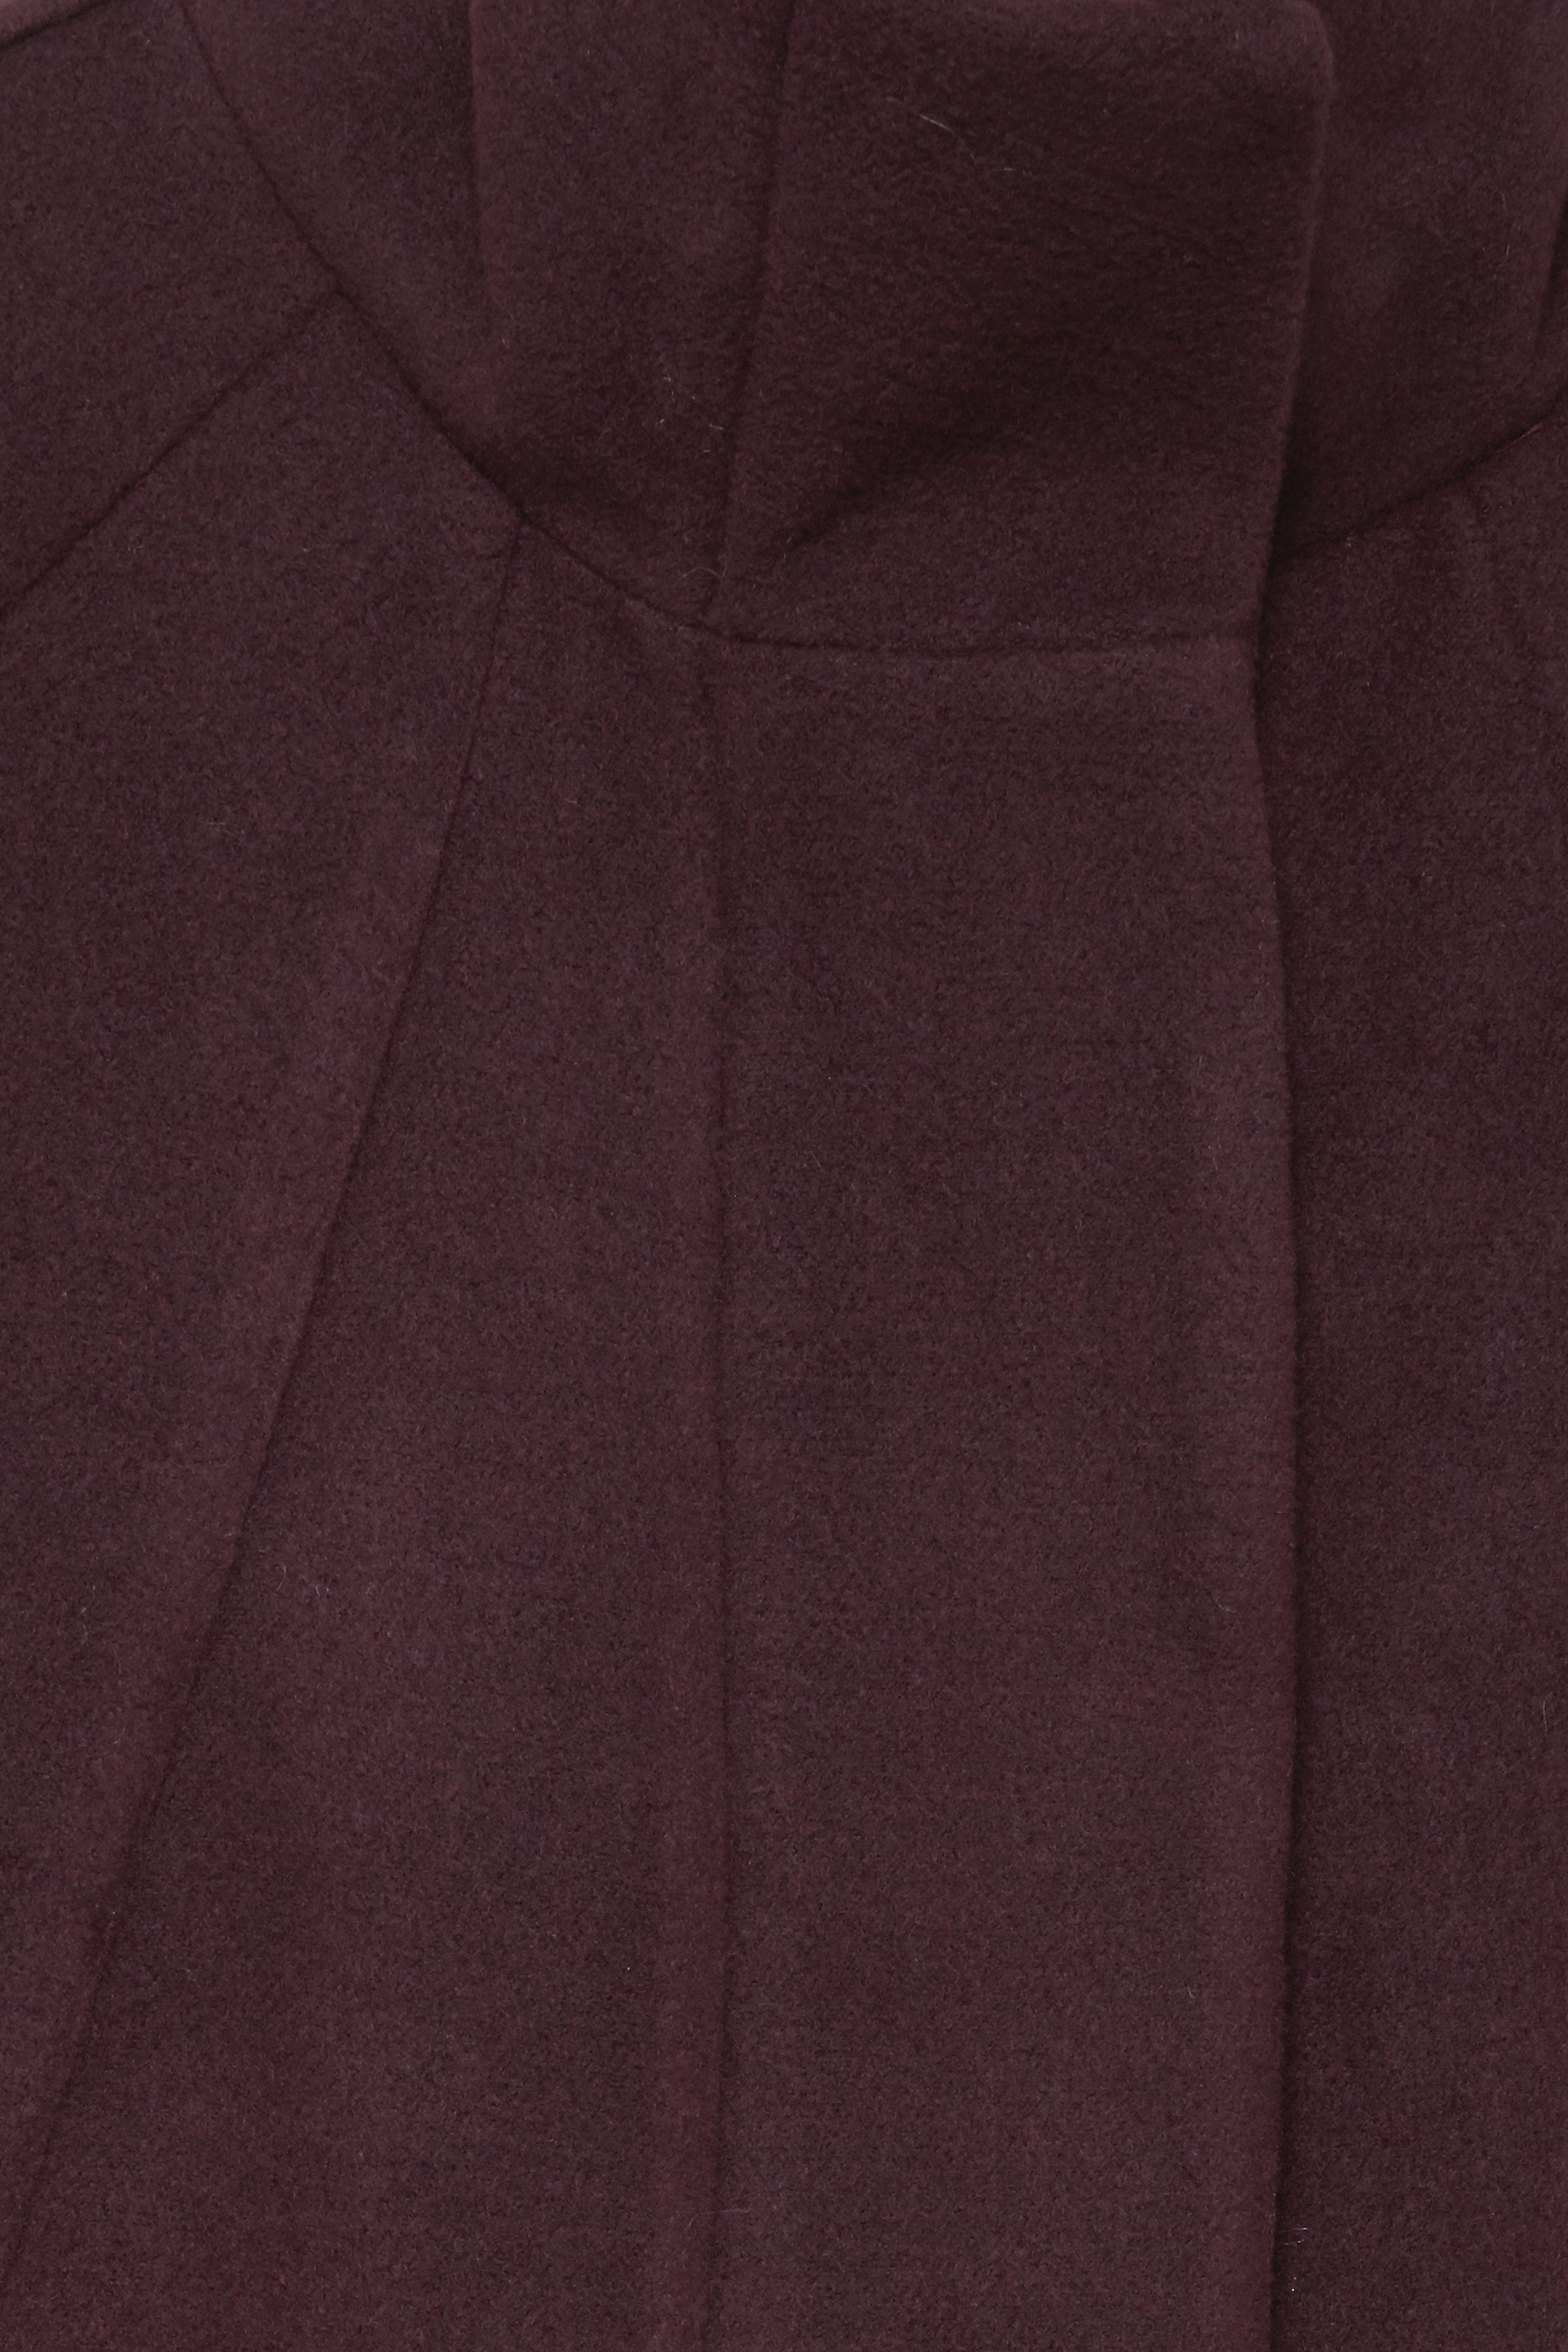 Beetroot Mel. Jacke von b.young – Kaufen Sie Beetroot Mel. Jacke aus Größe 36-46 hier